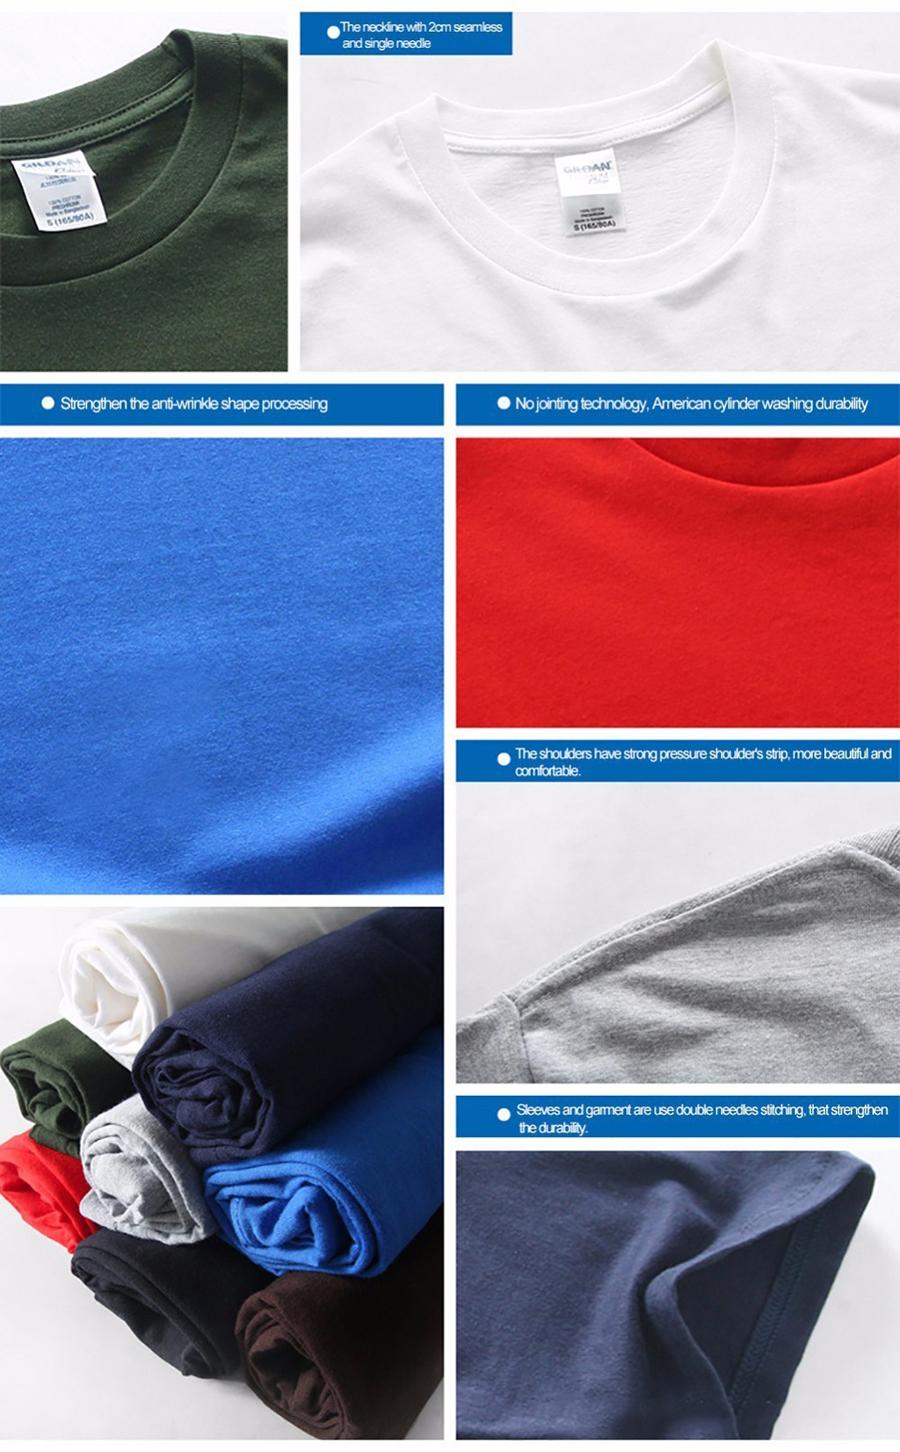 HTB1kmEYPVXXXXXOXFXXq6xXFXXXe - Cobra Kai Printed Short Sleeve Cotton Men's T-Shirt-Cobra Kai Printed Short Sleeve Cotton Men's T-Shirt